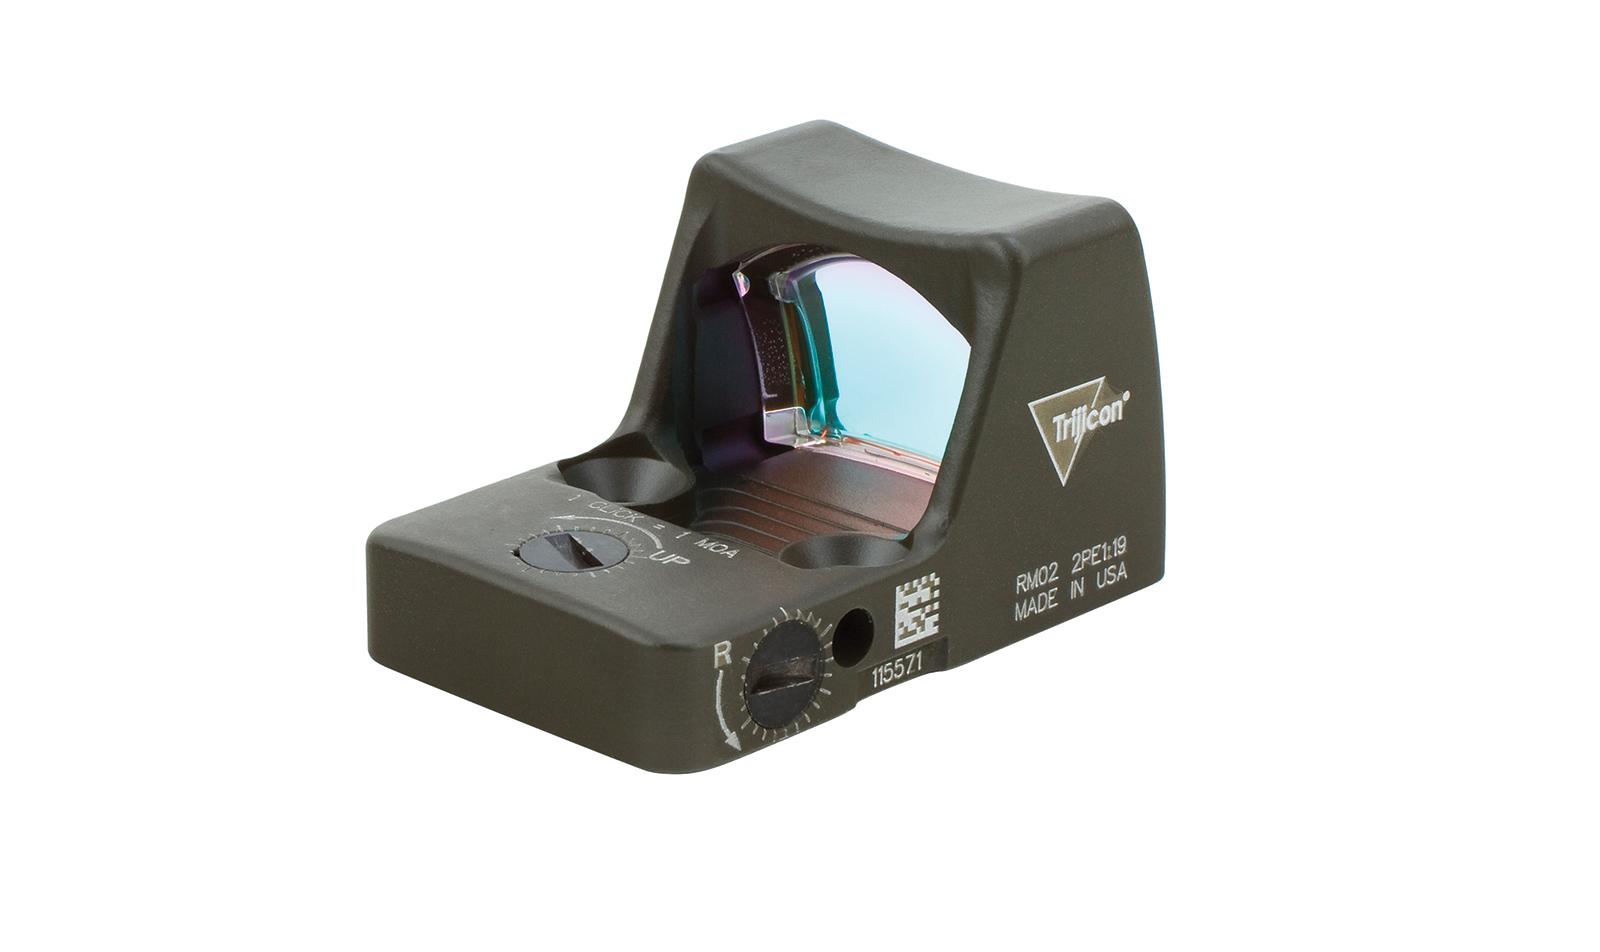 RM02-C-700644 angle 5